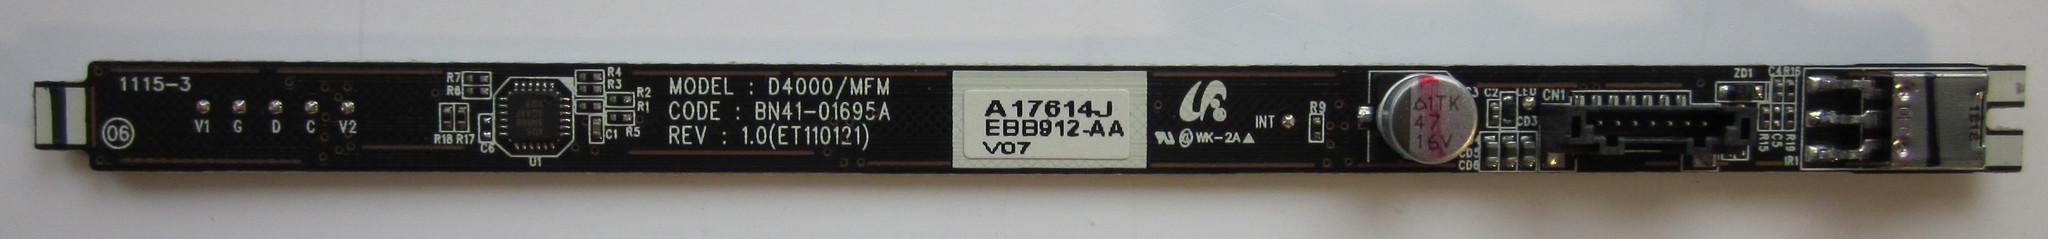 BN41-01695A REV:1.0